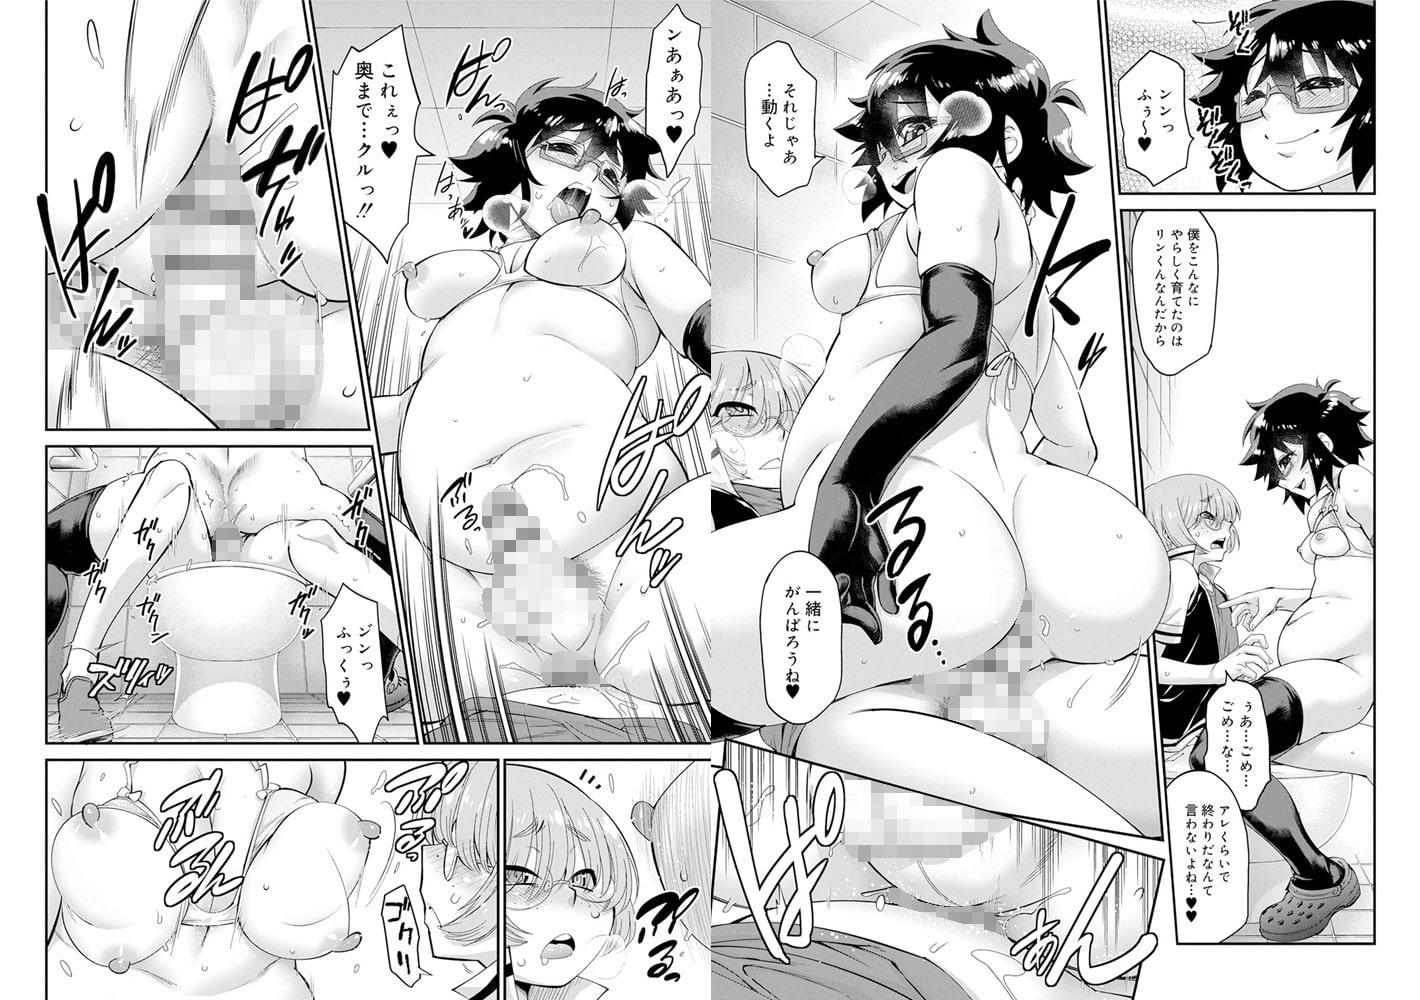 【茜新社】奇械田零士朗先生2冊パック(202005)